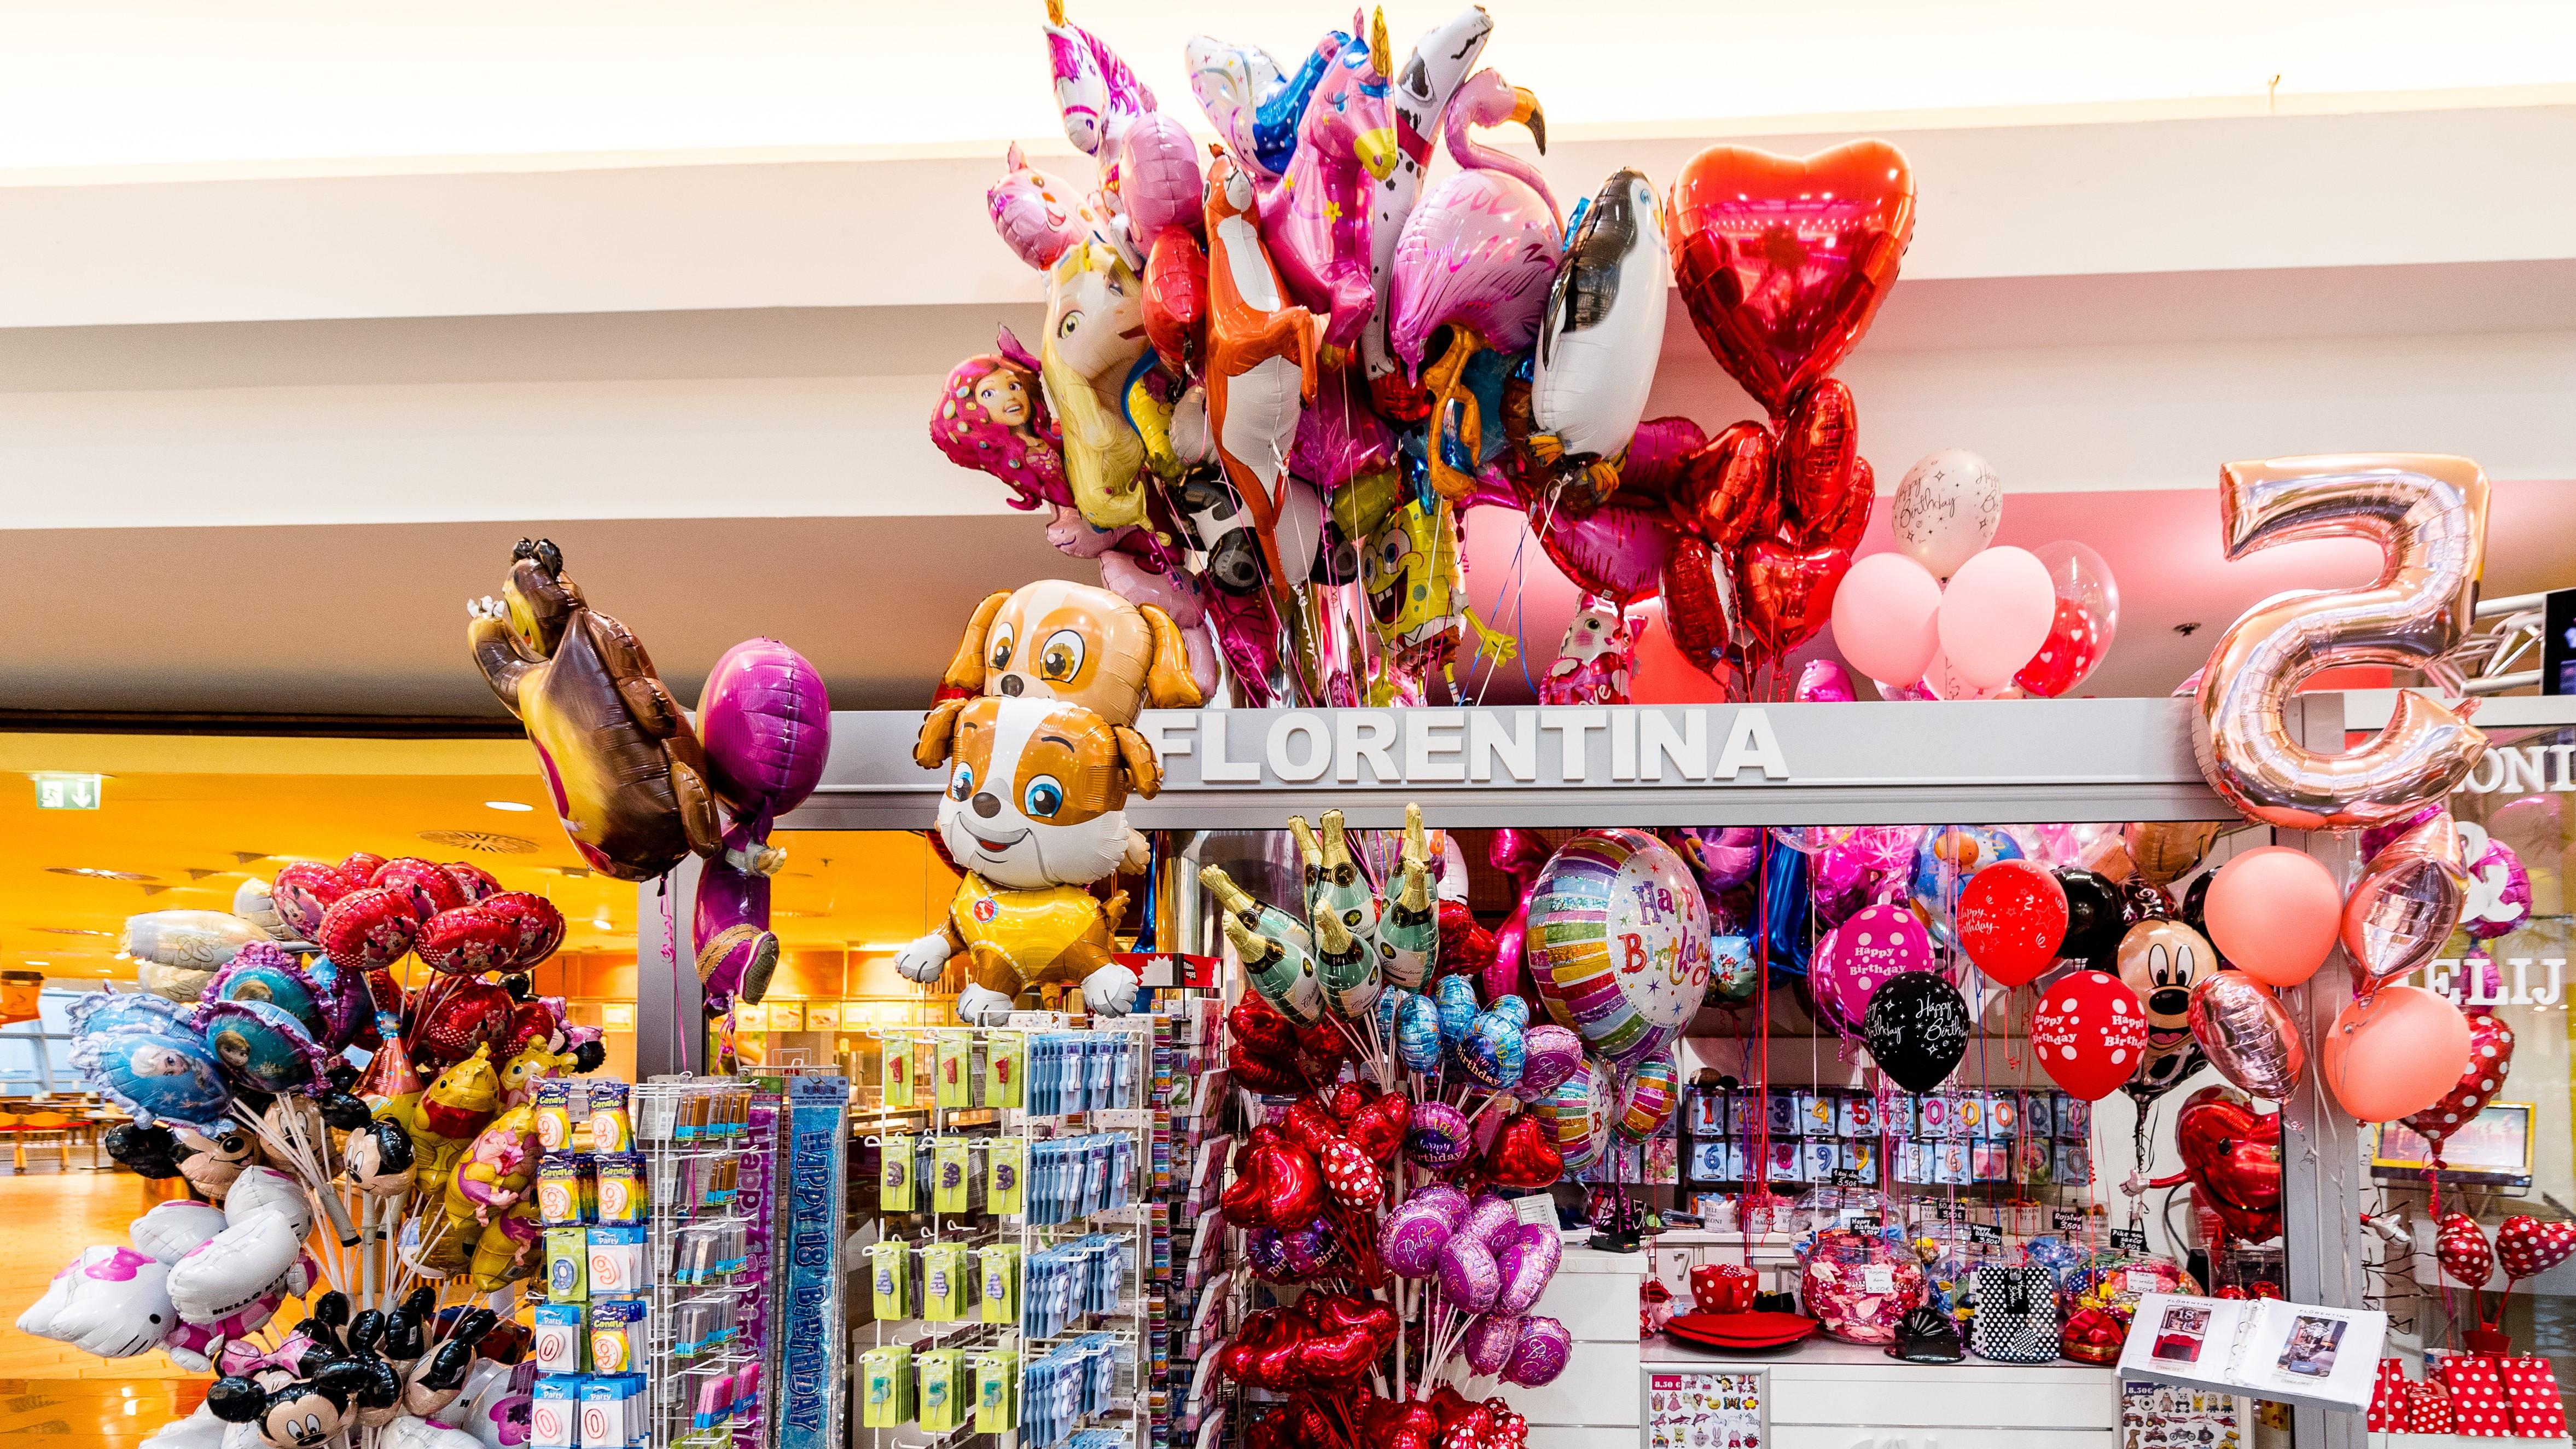 Florentina dežela balonov